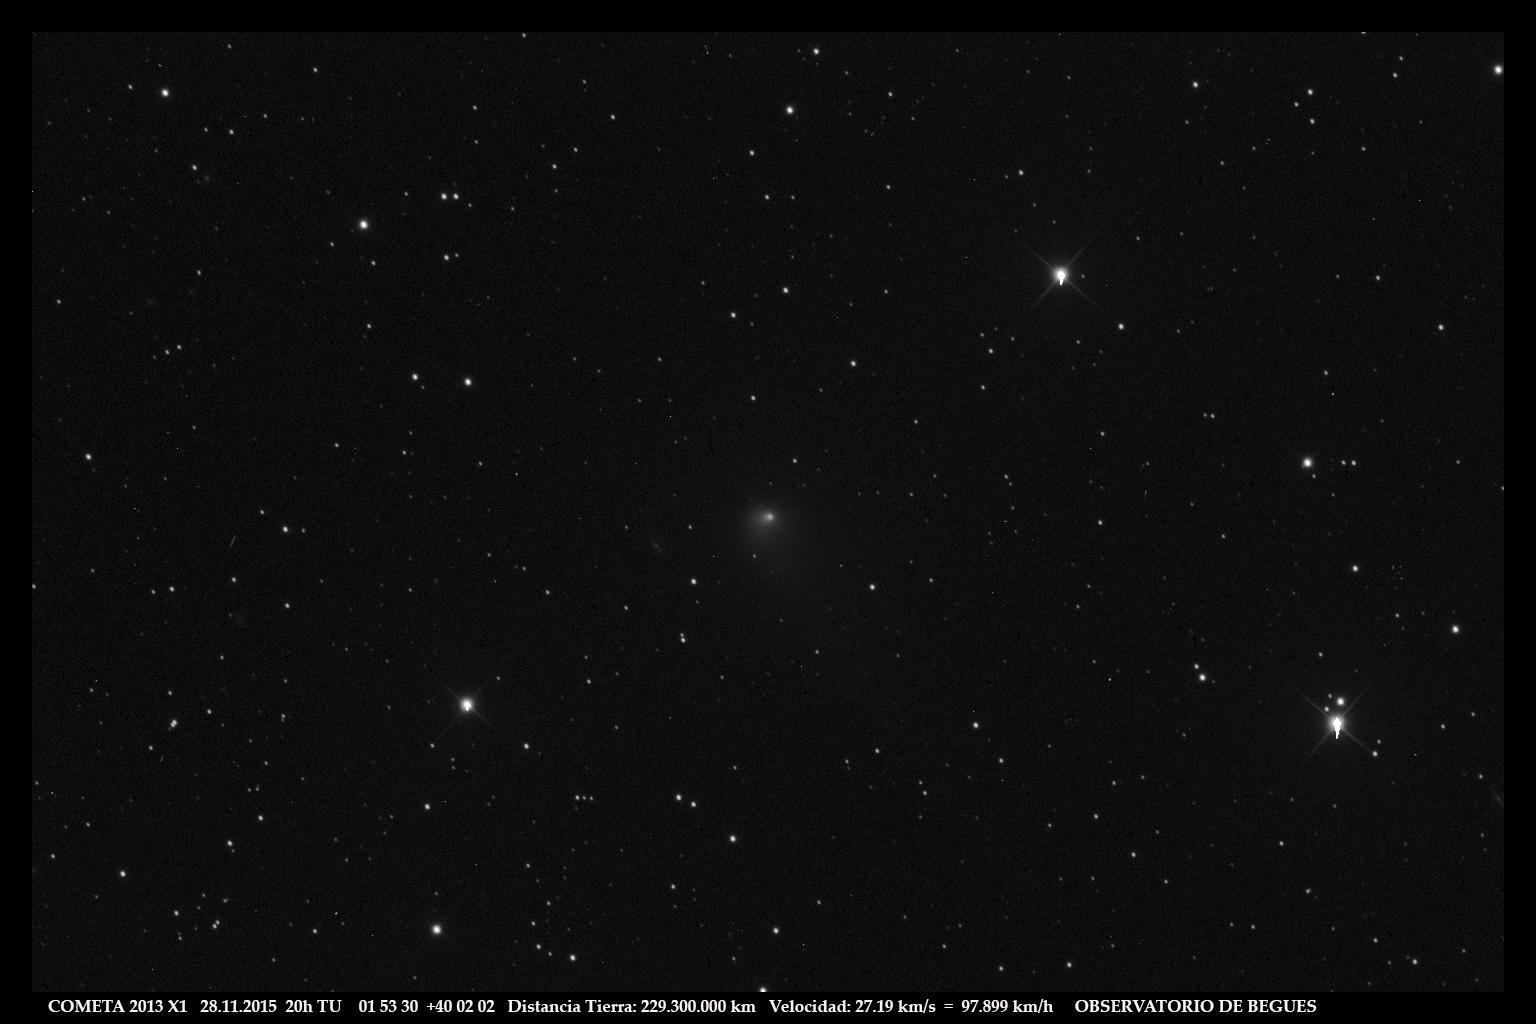 Cometa 2013 X1 28 11 2015